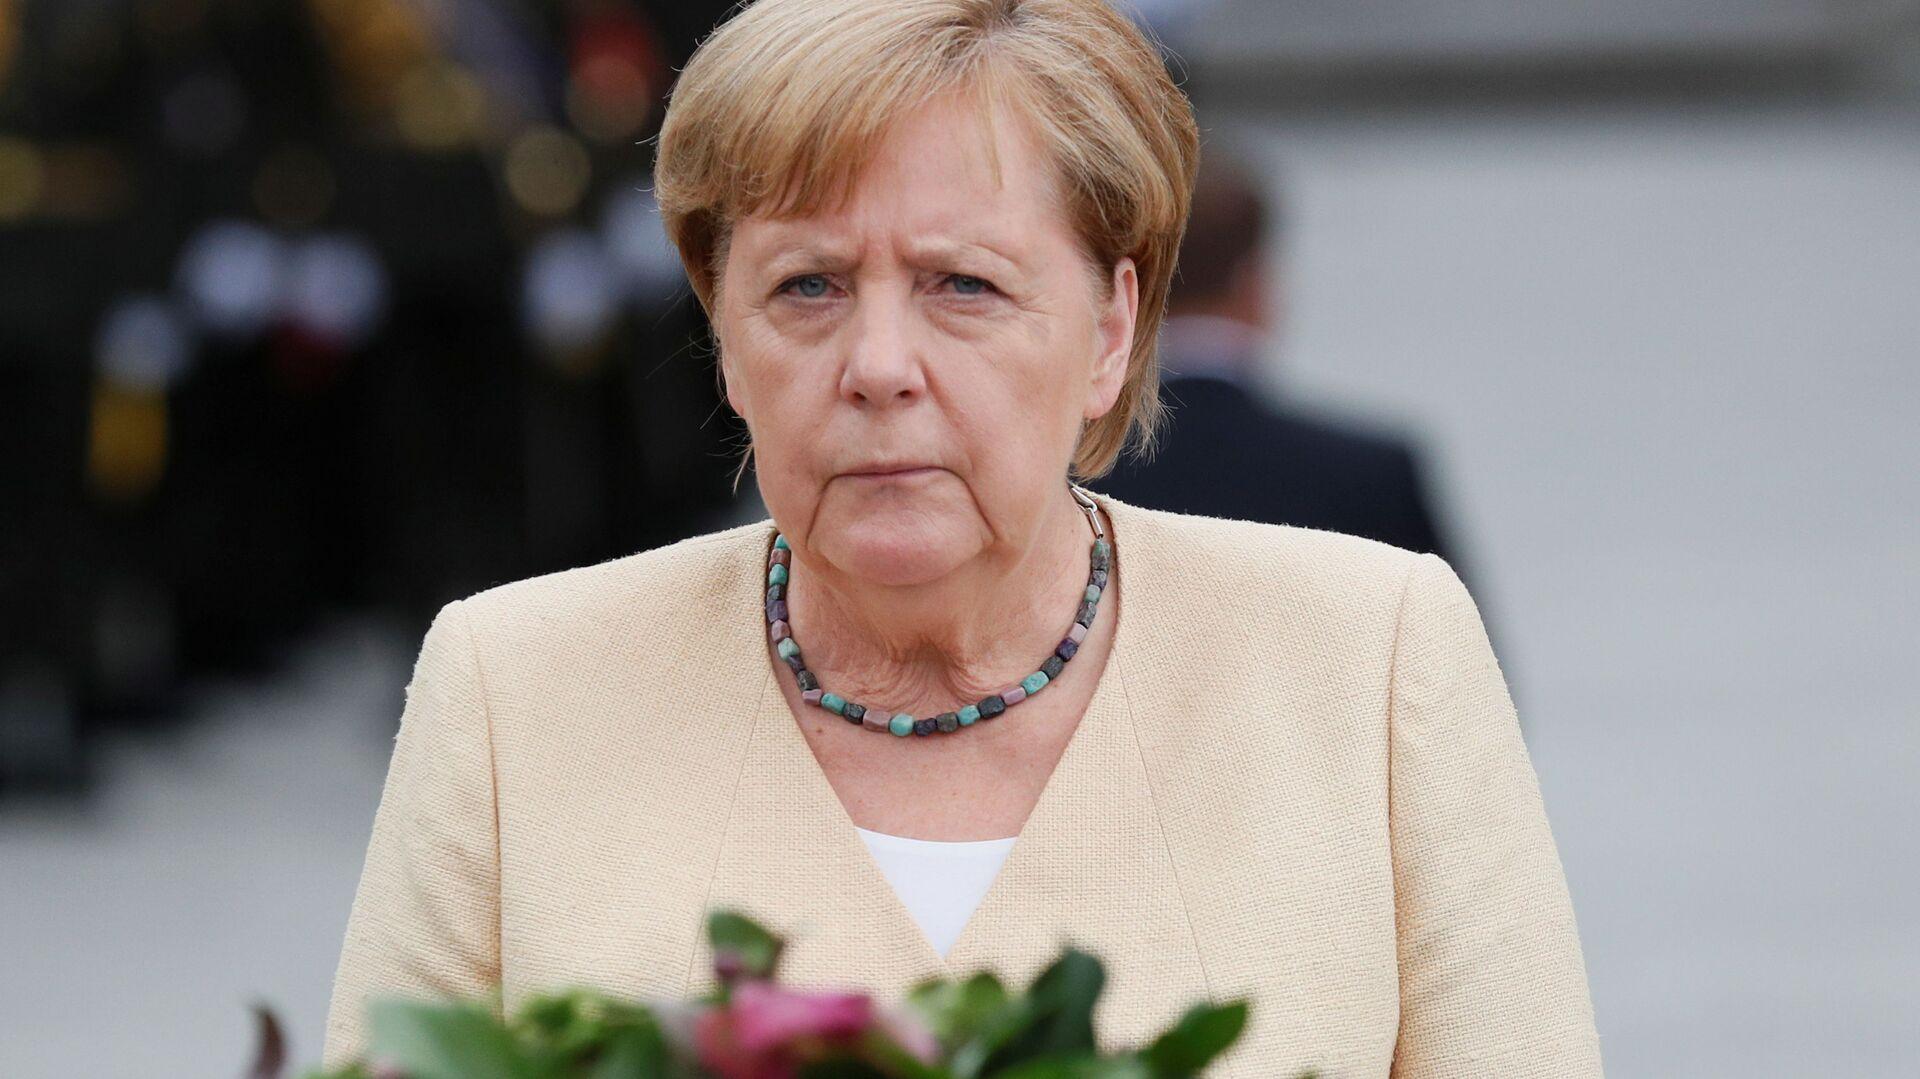 Wizyta Merkel w Kijowie - Sputnik Polska, 1920, 22.08.2021